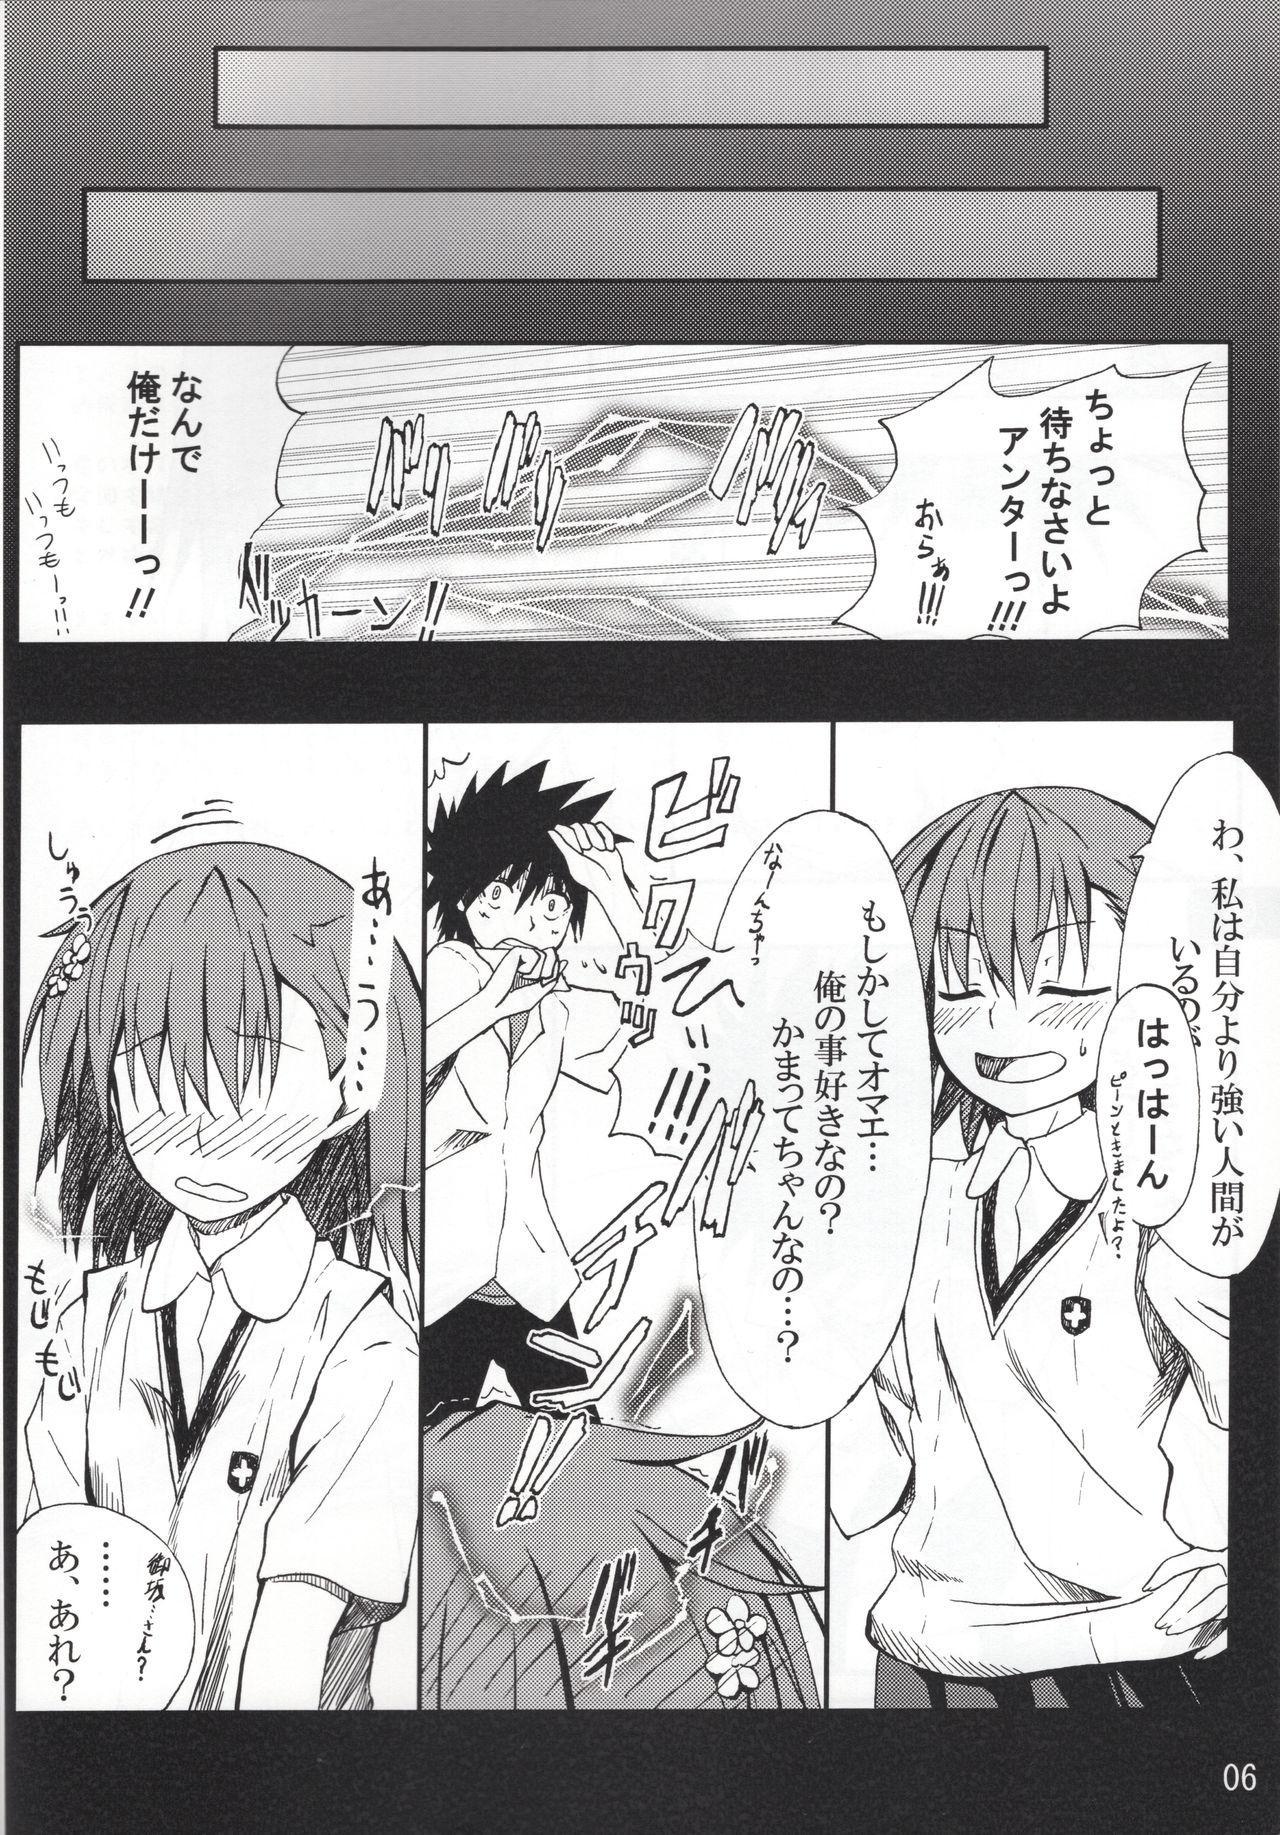 Toaru mousou no chou denji hon 02 4